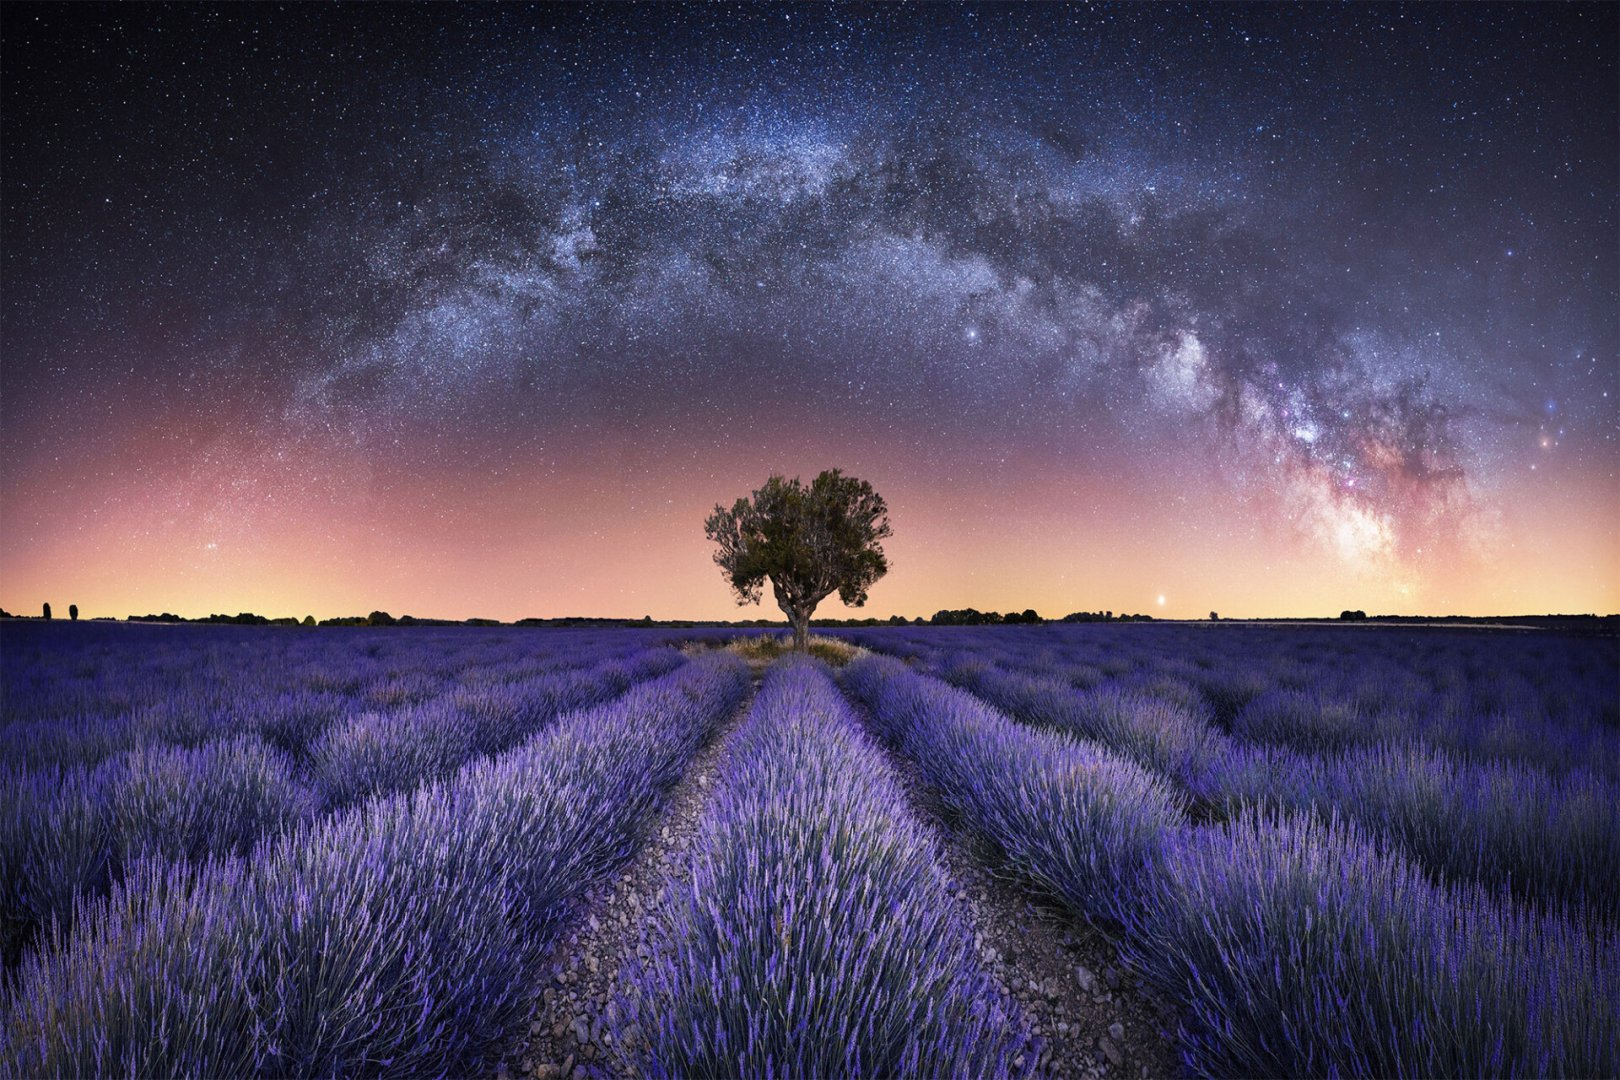 astronomy-4-960x640@2x.jpg